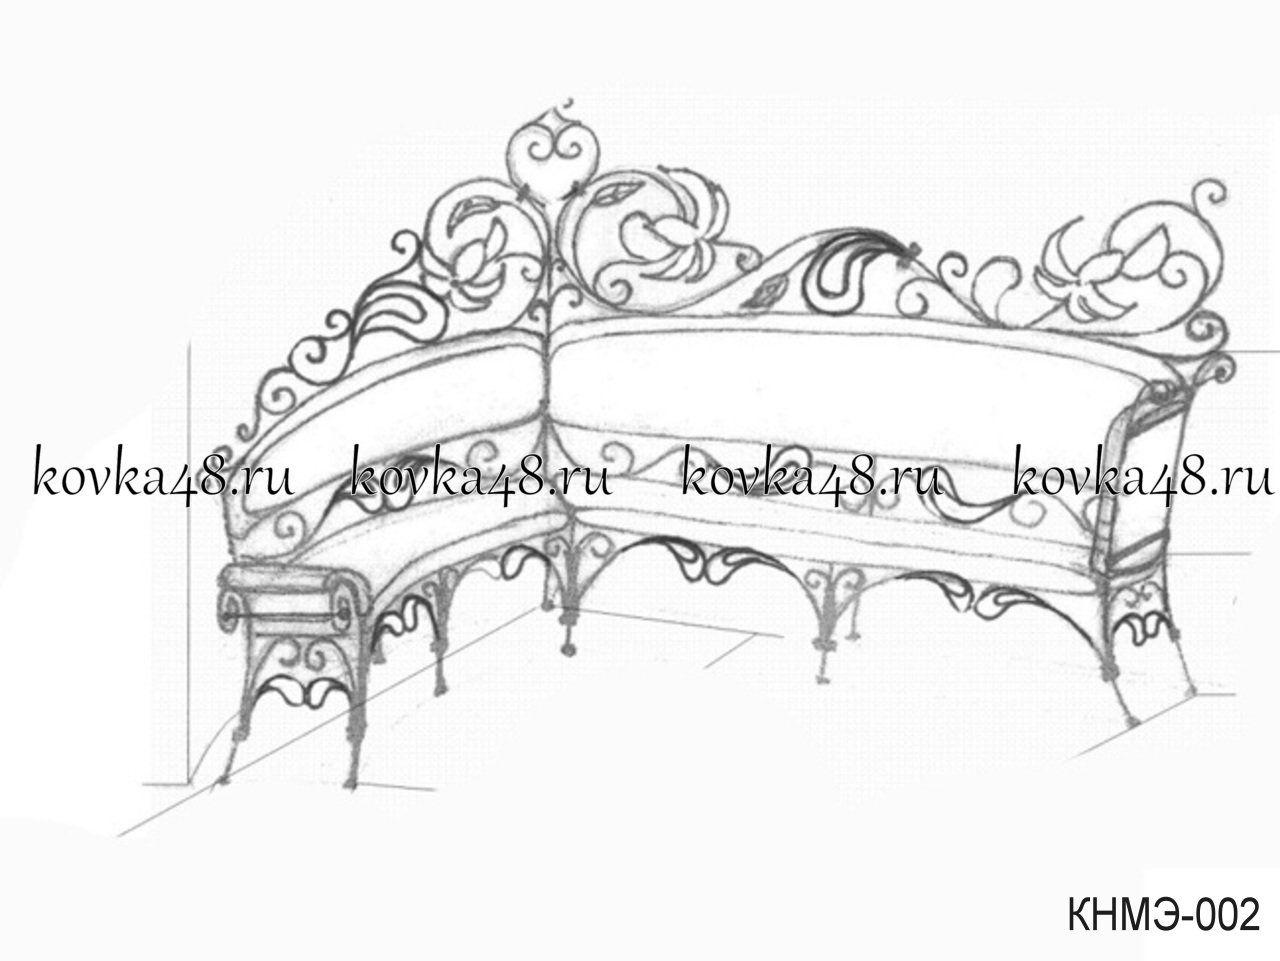 Muebles de hierro forjado, camas de hierro forjado, mesas de hierro forjado, sillas, bancos de hierro forjado